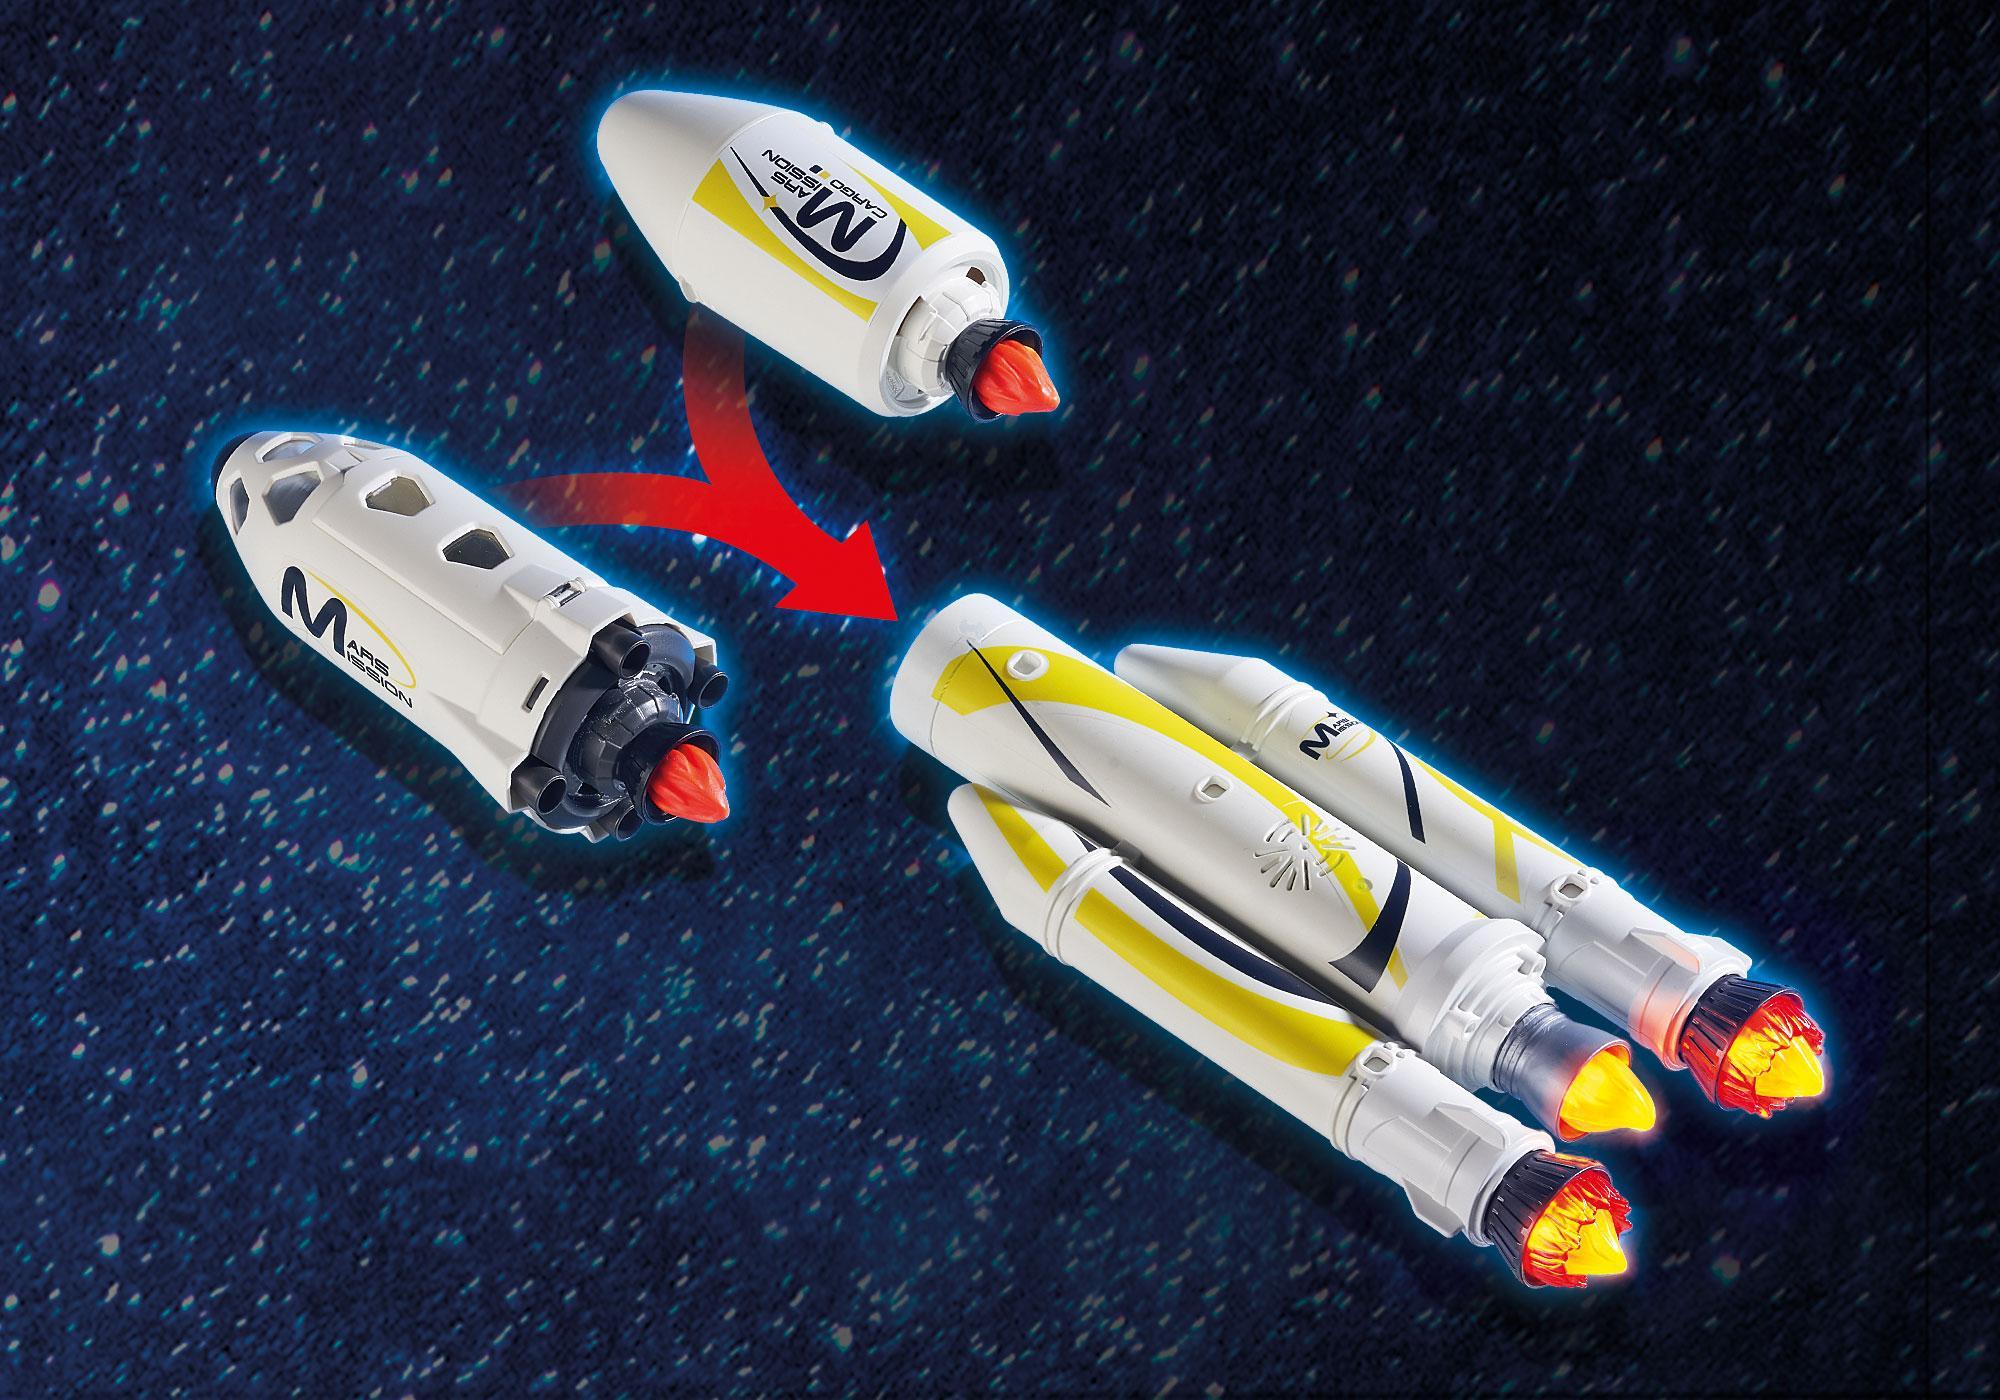 http://media.playmobil.com/i/playmobil/9488_product_extra4/Marsraket med avfyrningsplats